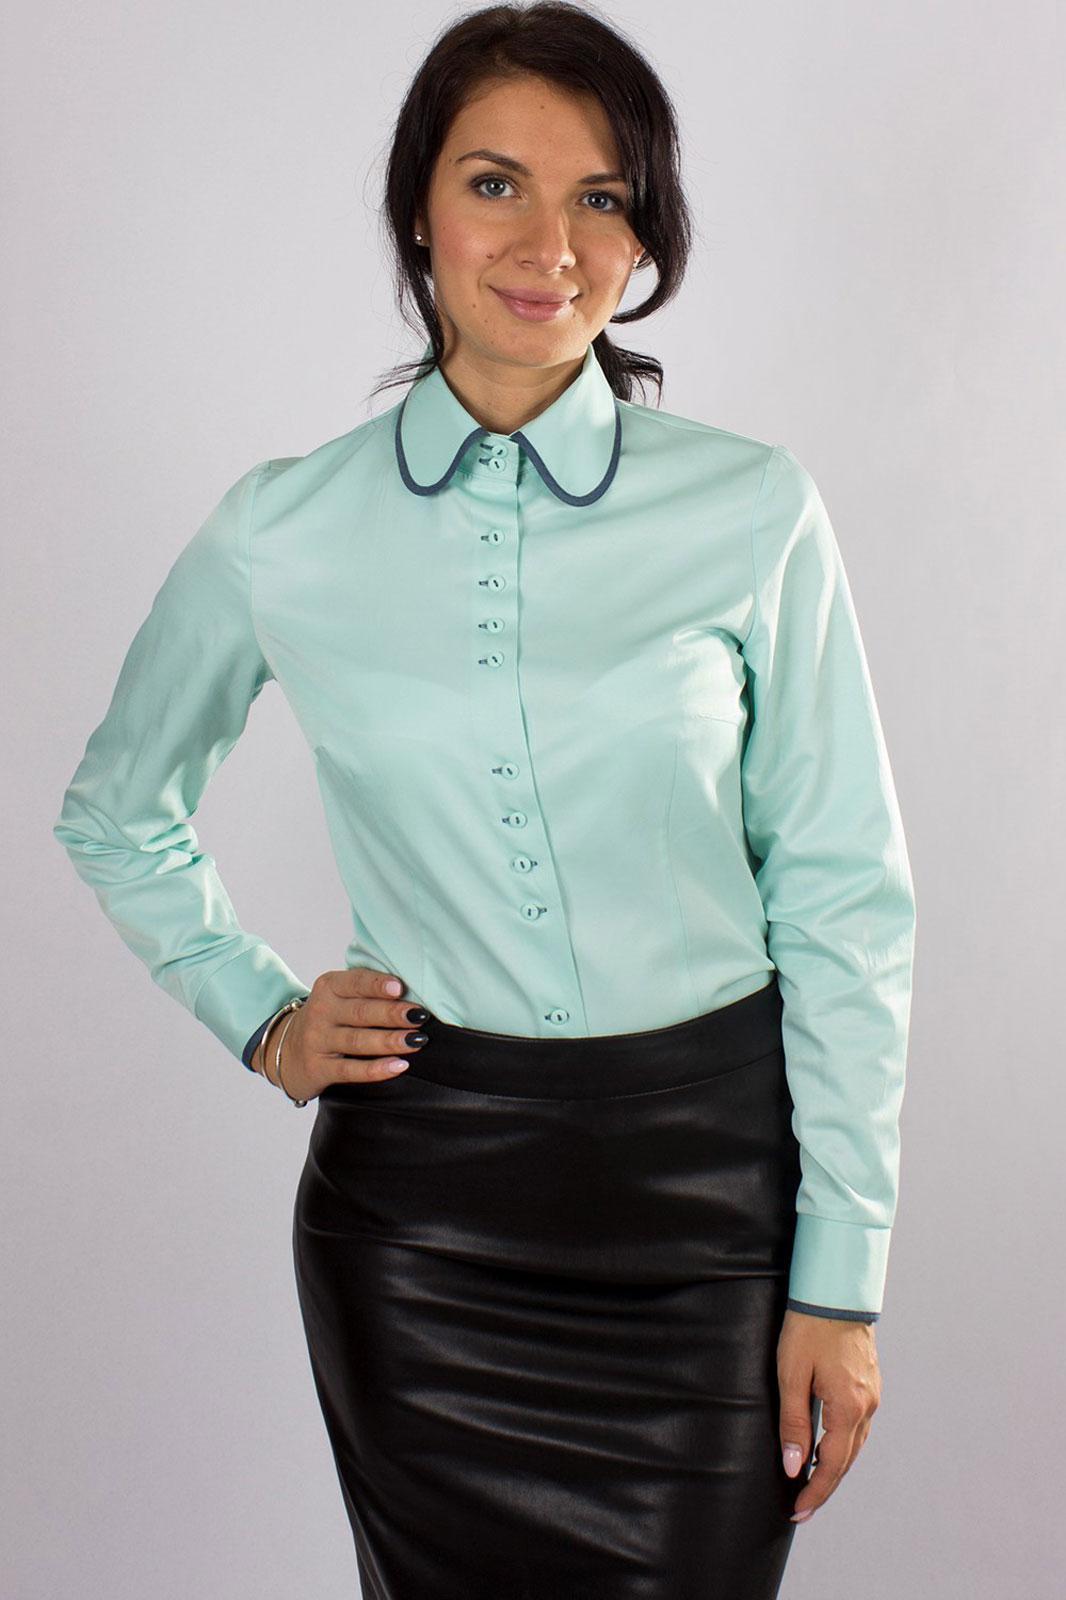 Купить Блузка Nadex, 335022 бирюзовый 164, Беларусь